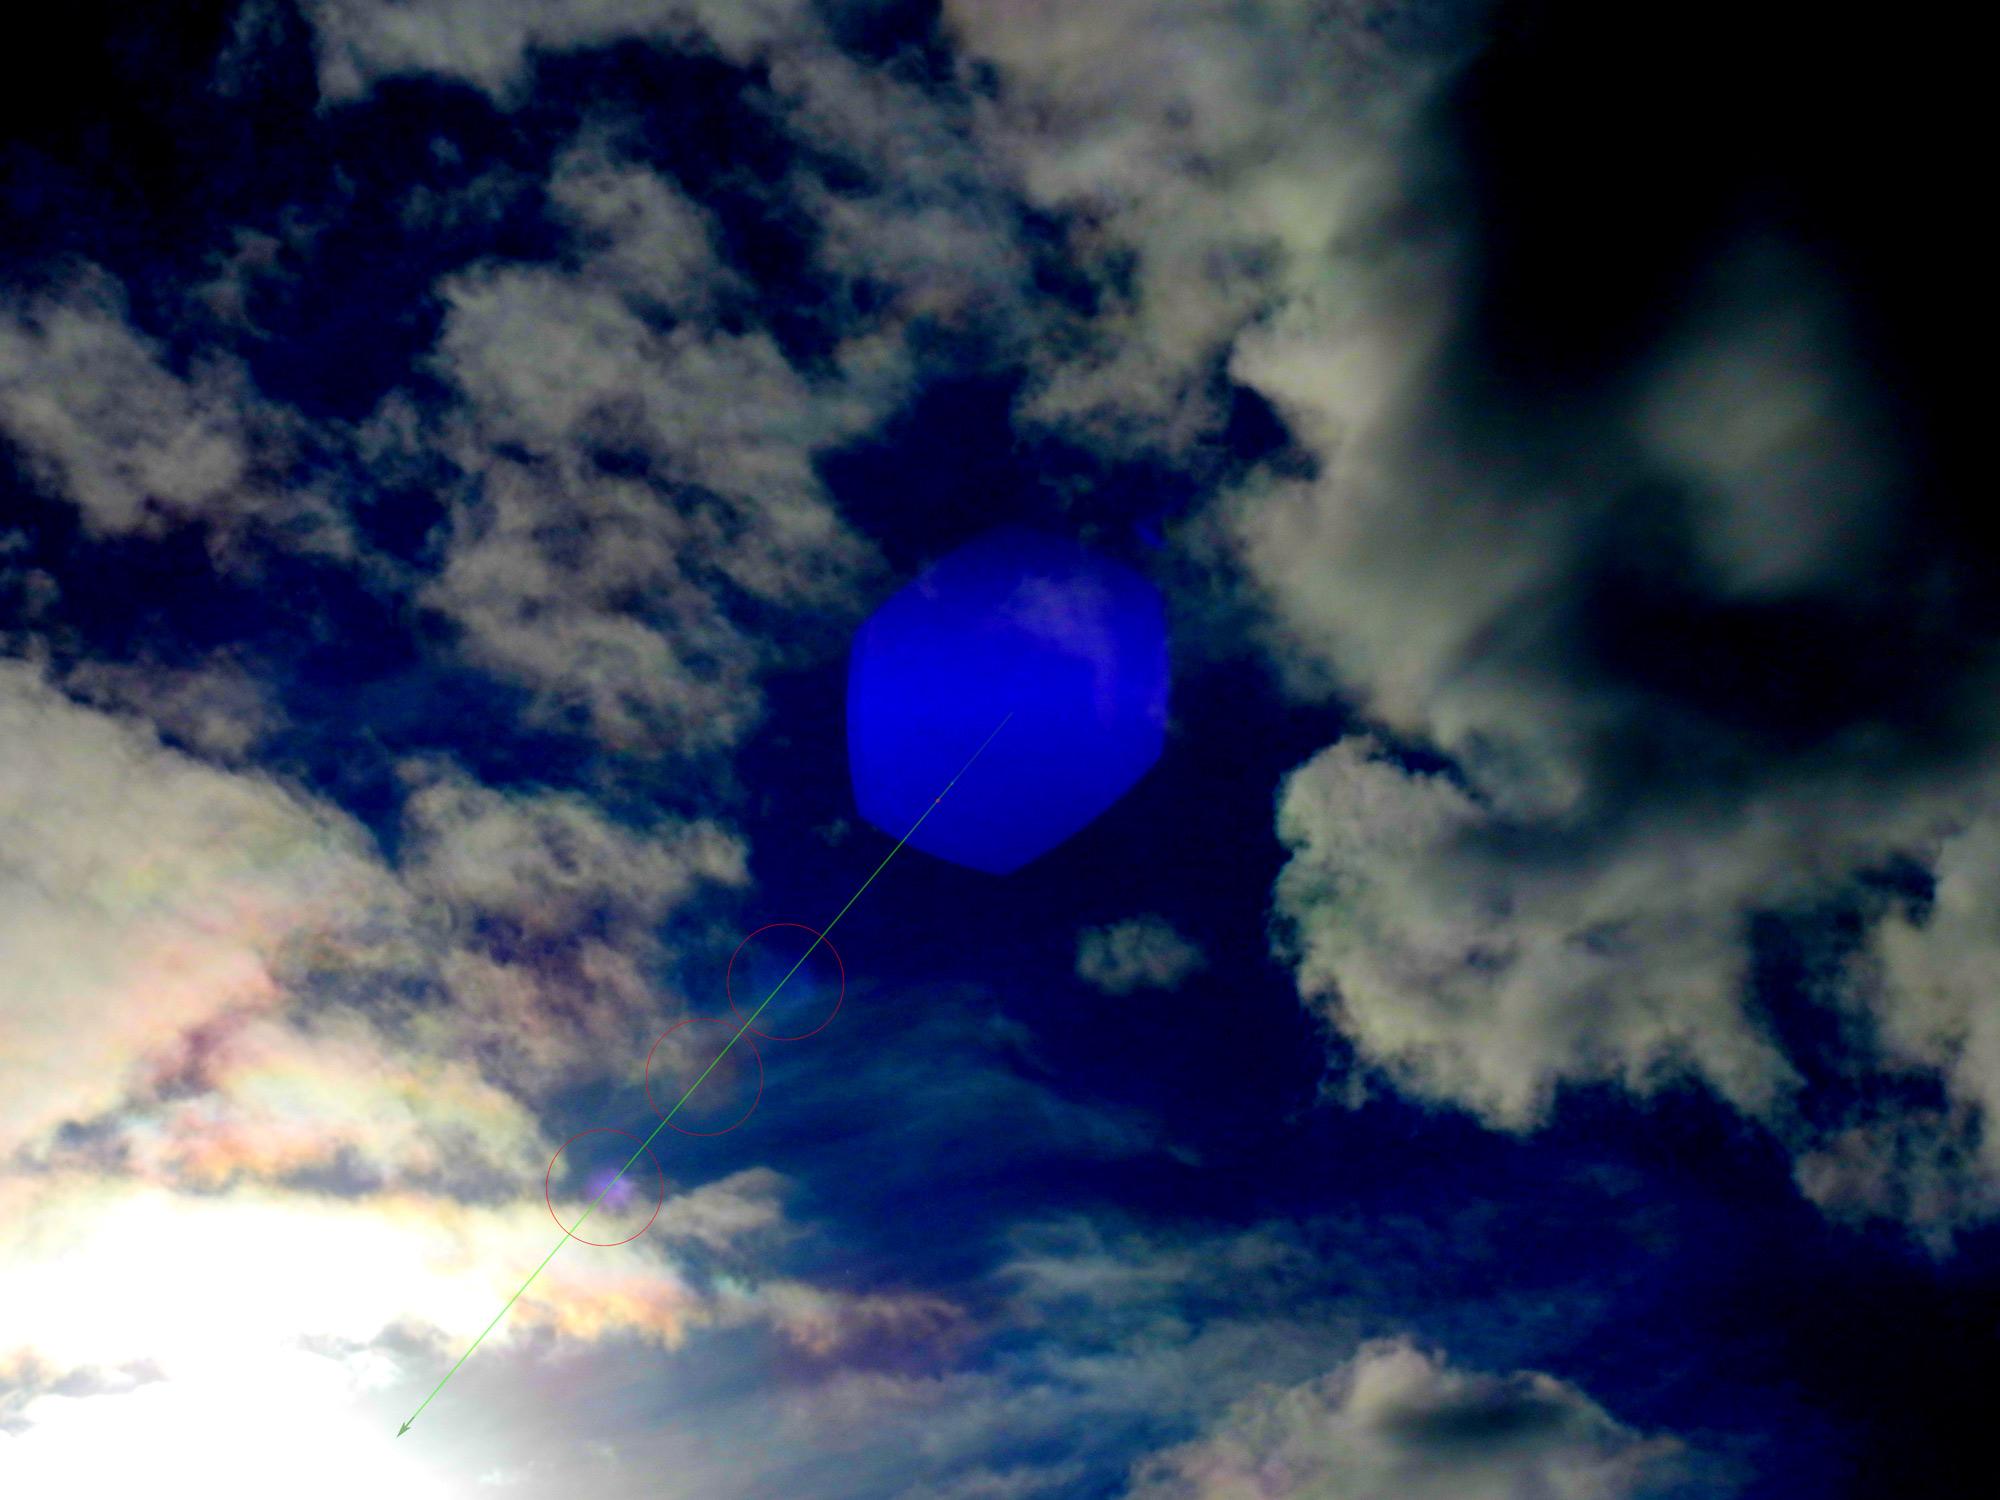 2017: le 09/11 à 14h06 - Lumière étrange dans le ciel  -  Ovnis à Andernos - Gironde (dép.33) 236697pncSflNvj